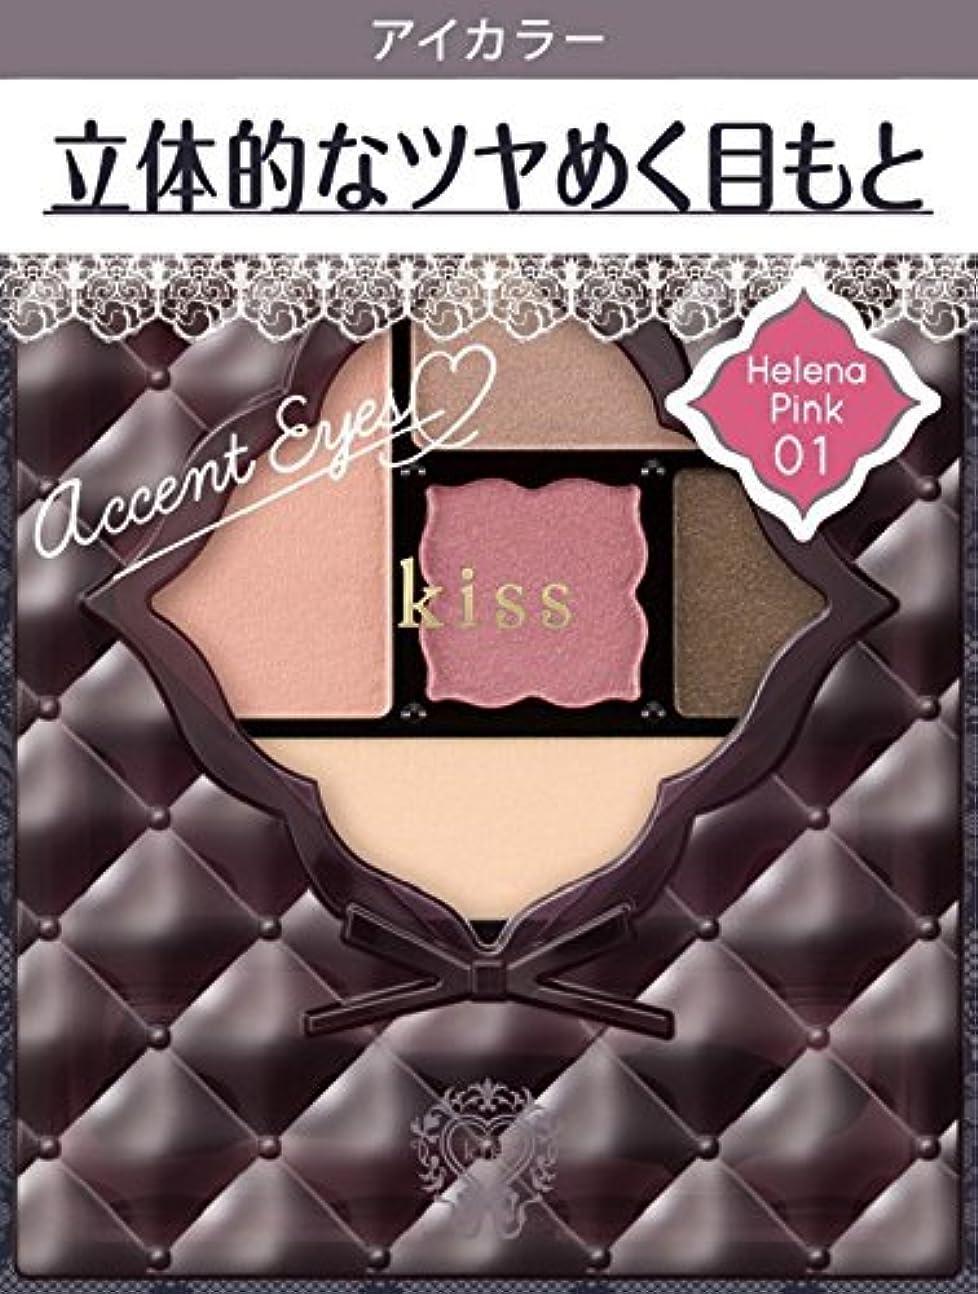 トレイル研磨剤負担キス アクセントアイズ01 ヘレネーピンク 3.5g